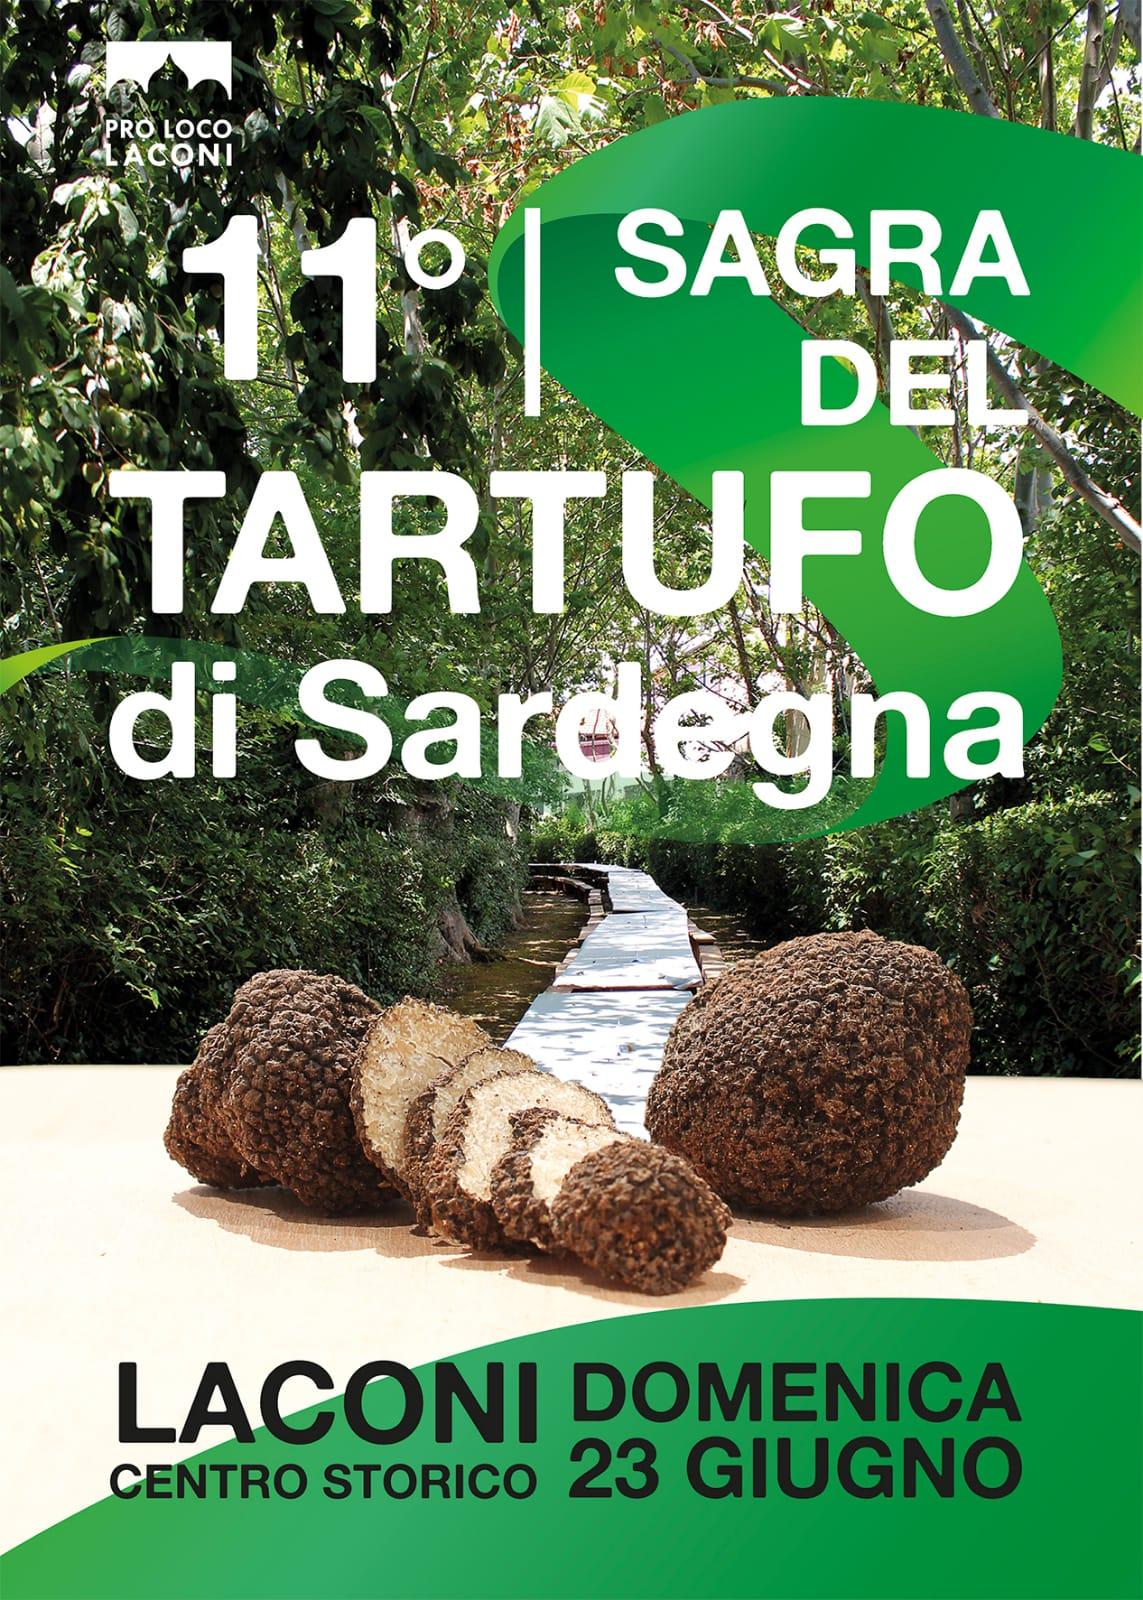 SAGRA TARTUFO LACONI